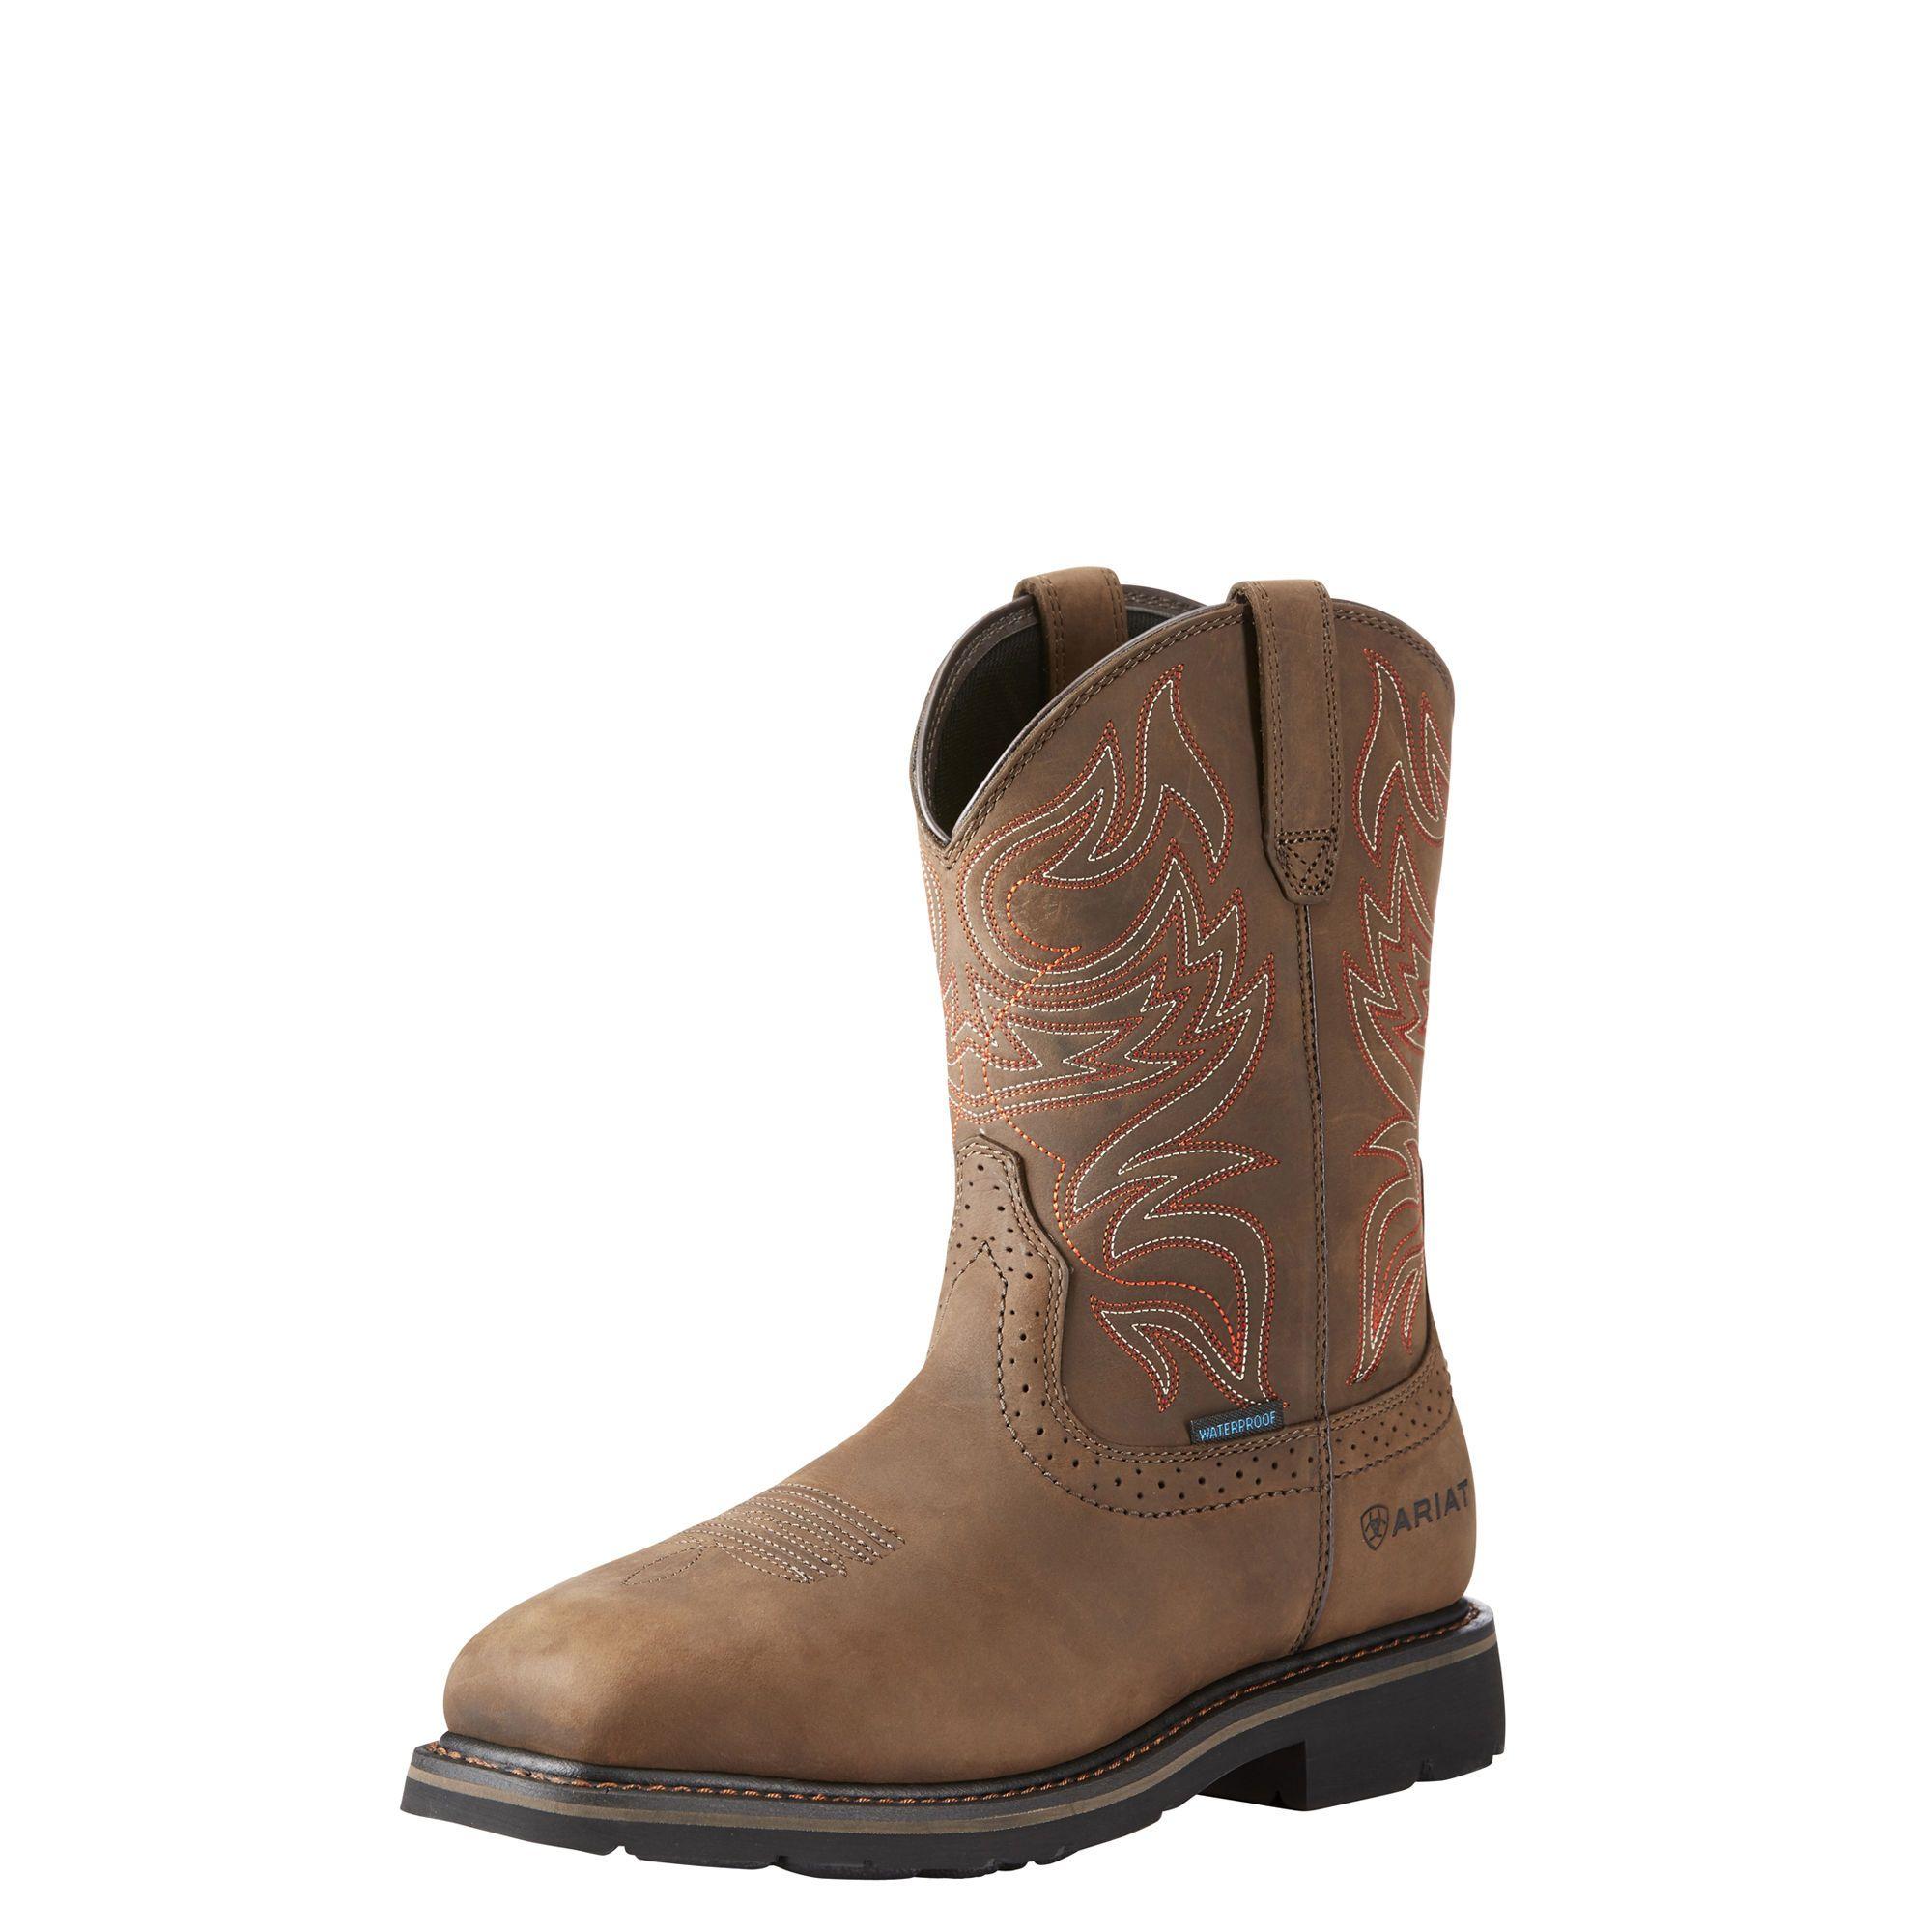 Gravity Defyer Vance Mens Boots Waterproof Comfortable Work Boots Slip-Resistant